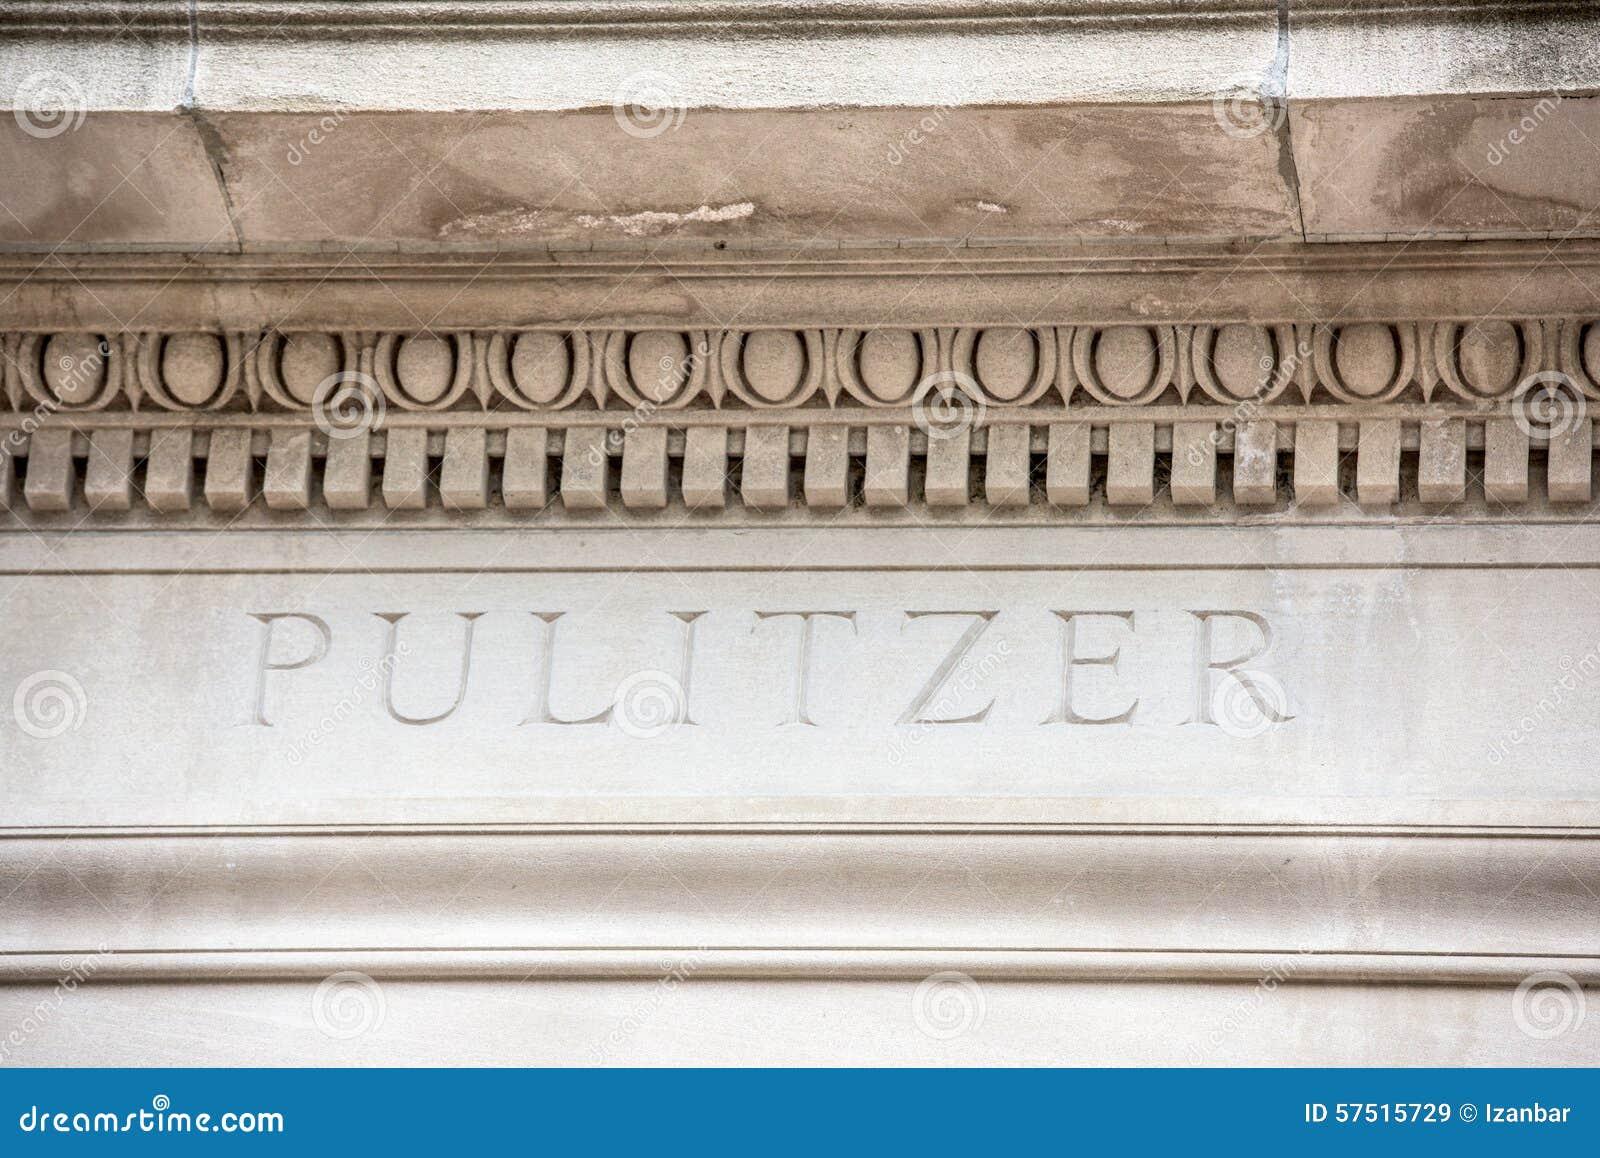 Escuela de Pulitzer de la muestra del periodismo